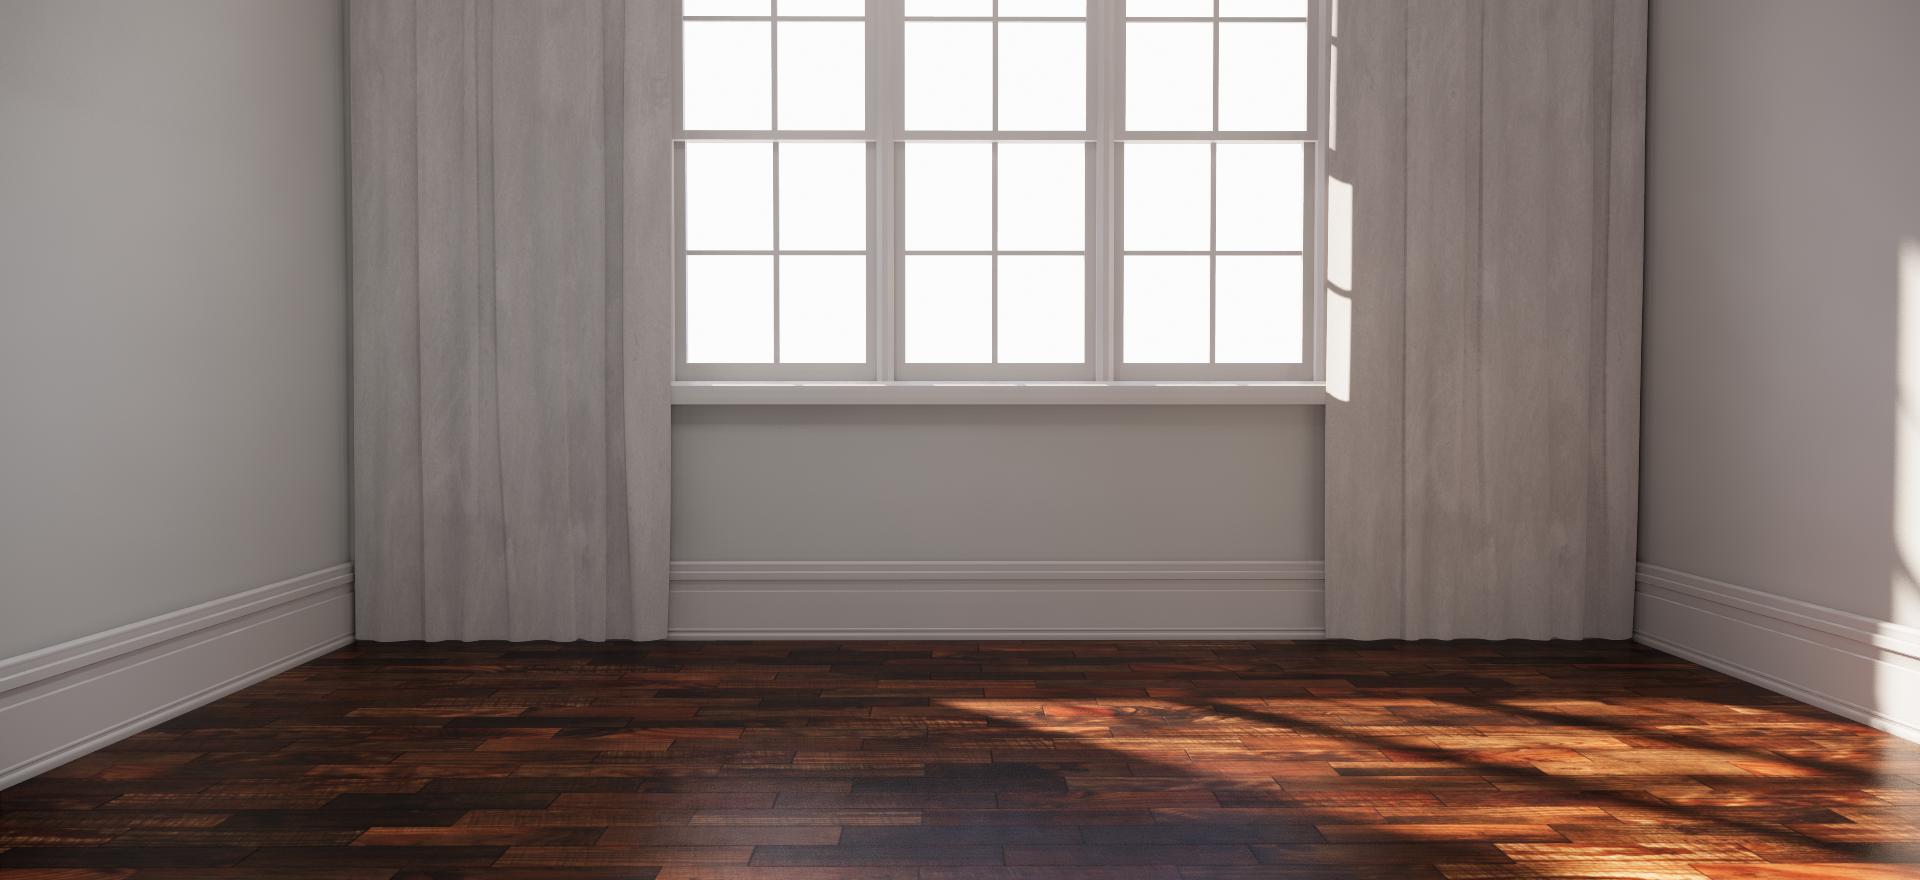 Wood Flooring 46.png